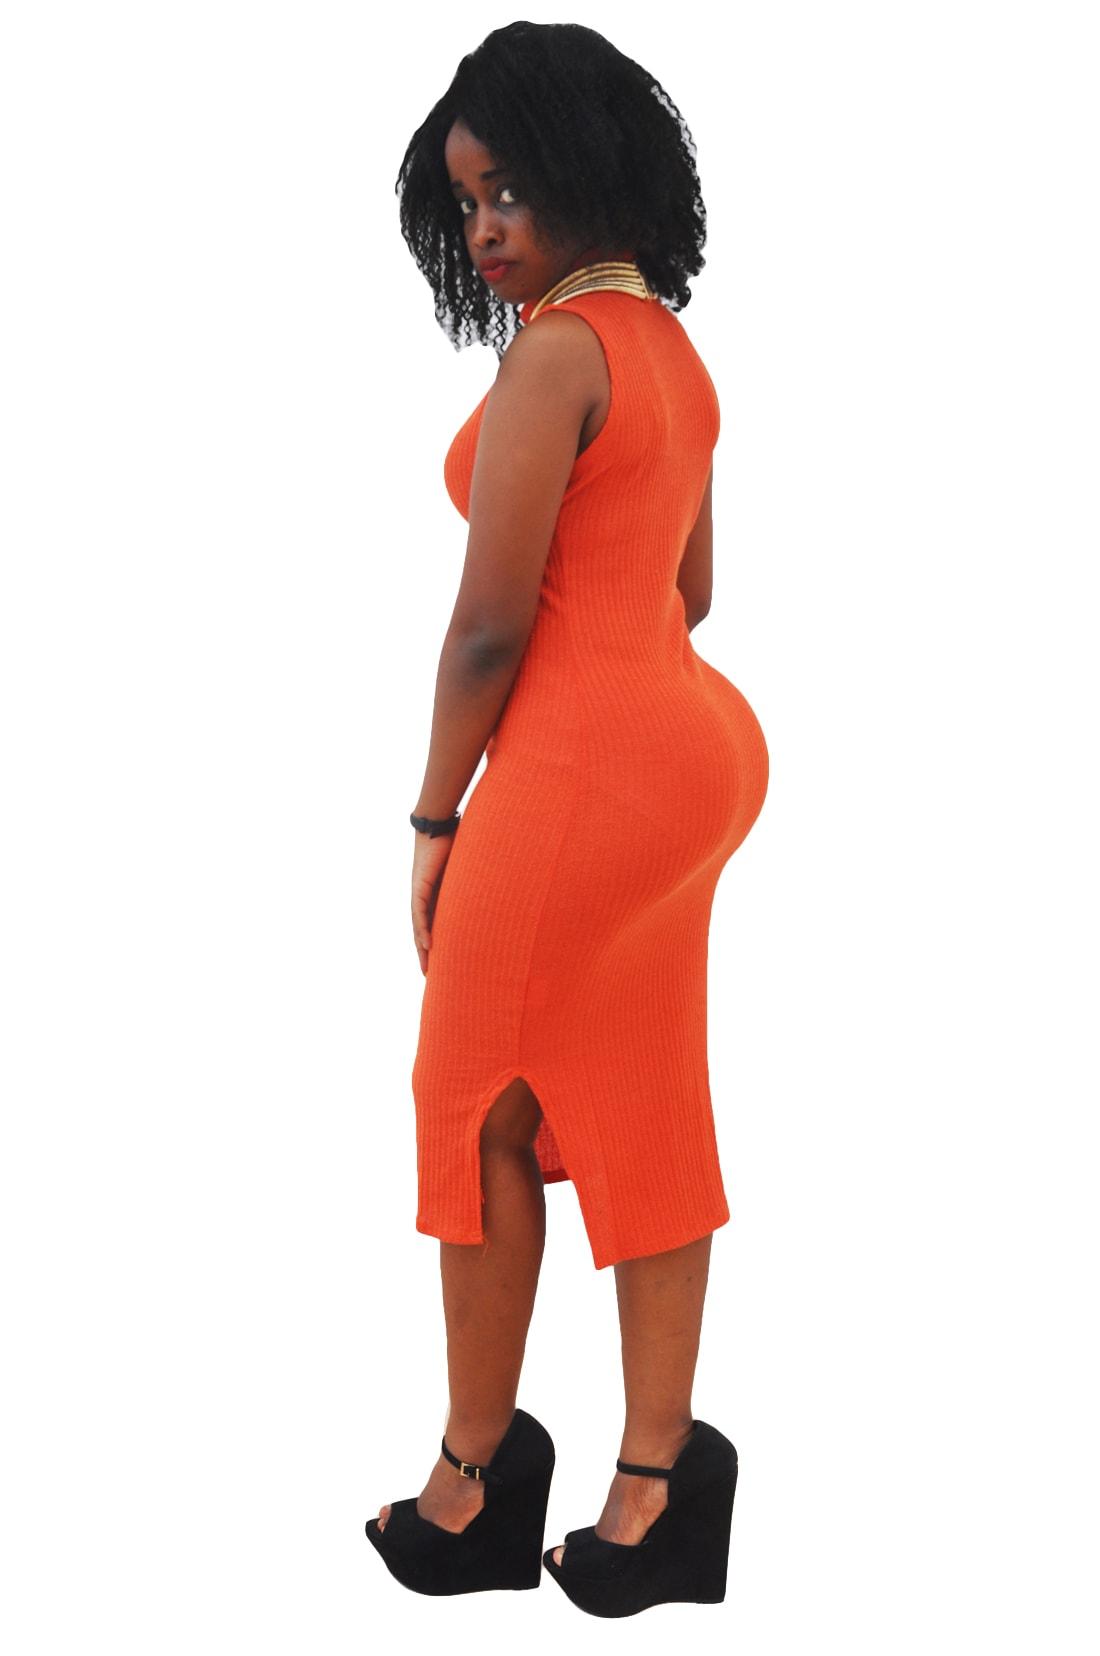 M0272 orange2 Sleeveless Dresses maureens.com boutique